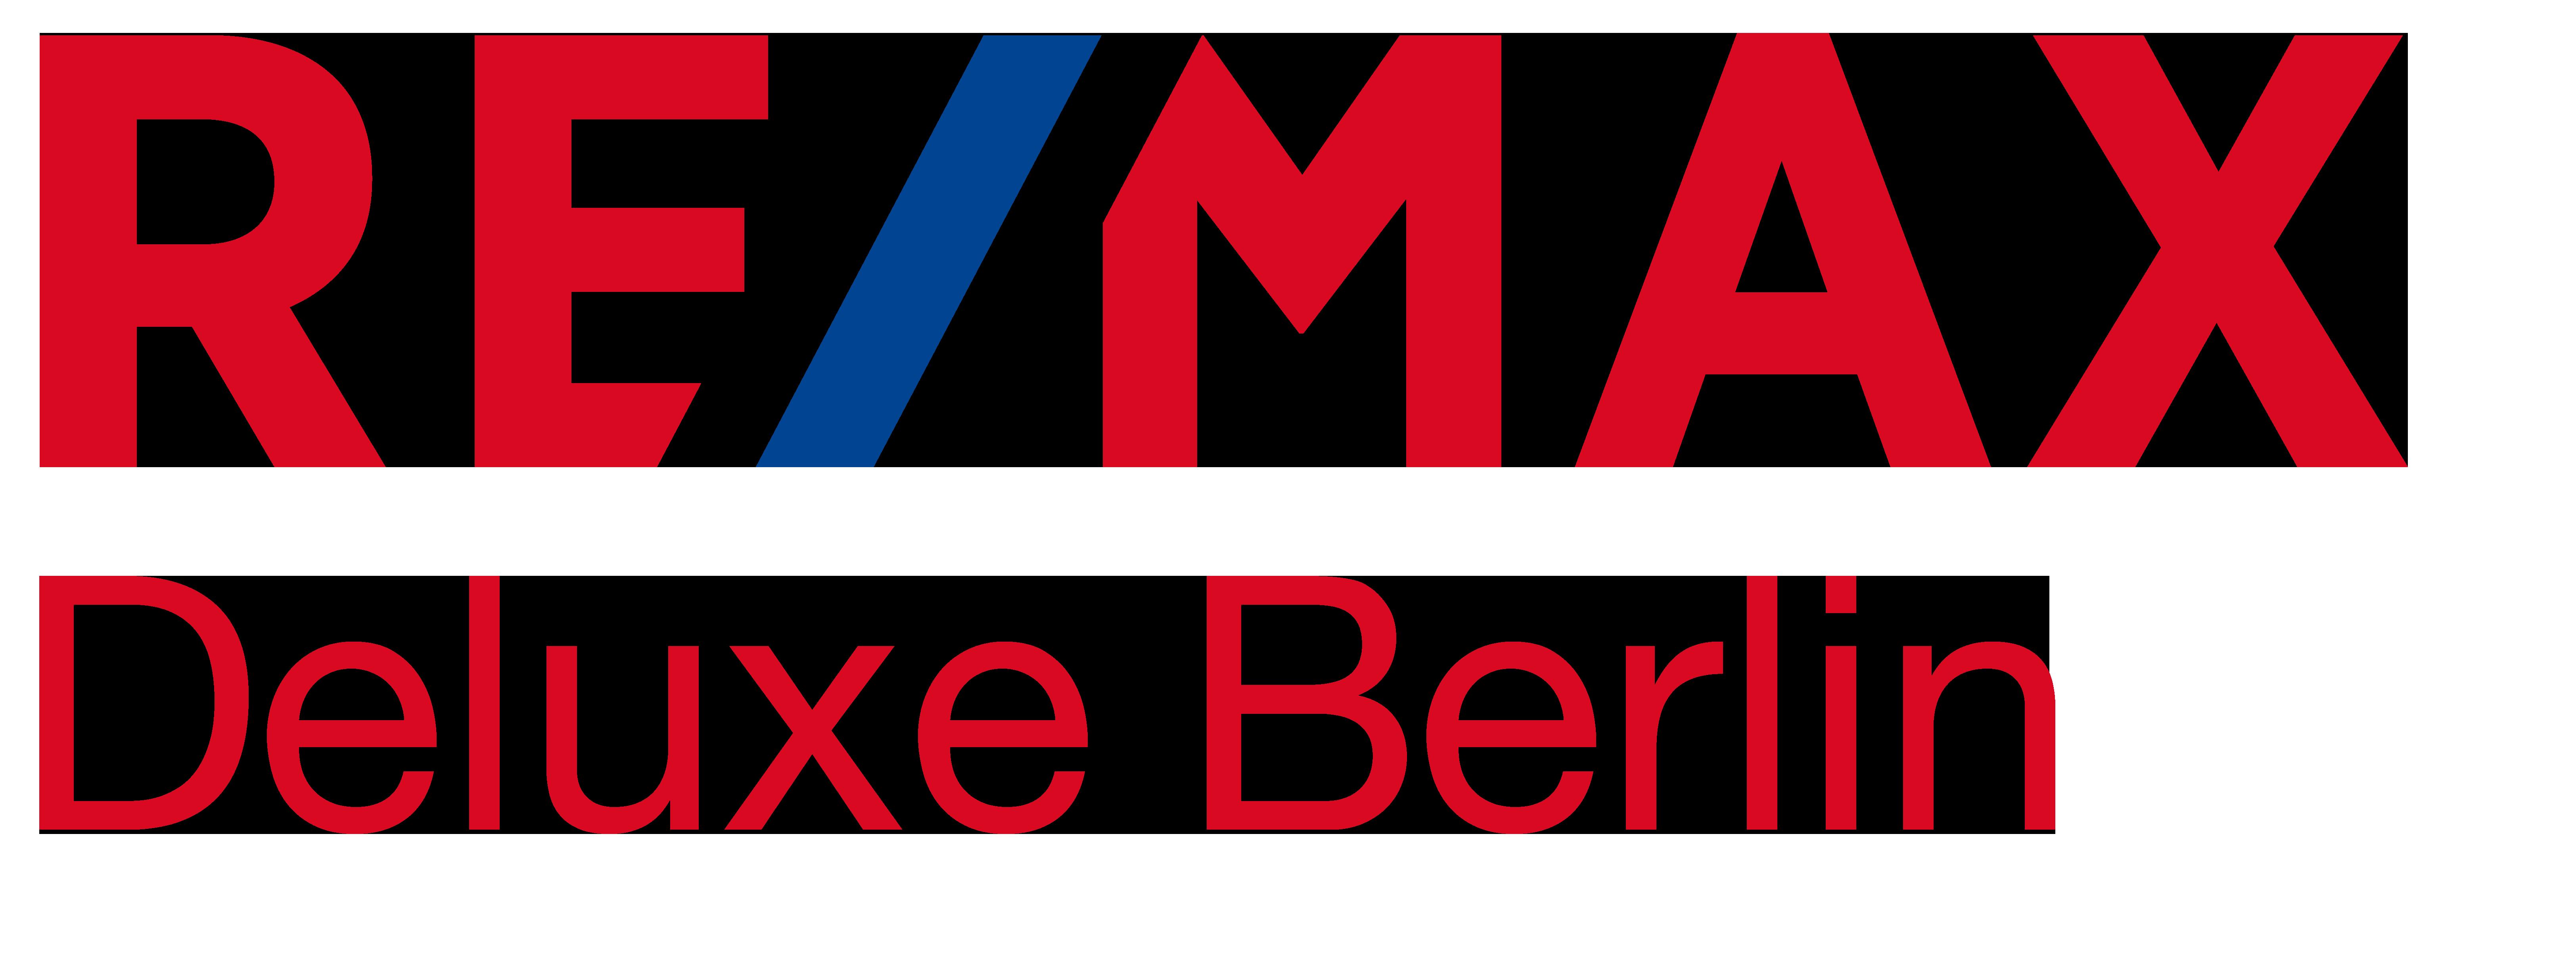 REMAX_Logotype+OfficeName Deluxe Berlin